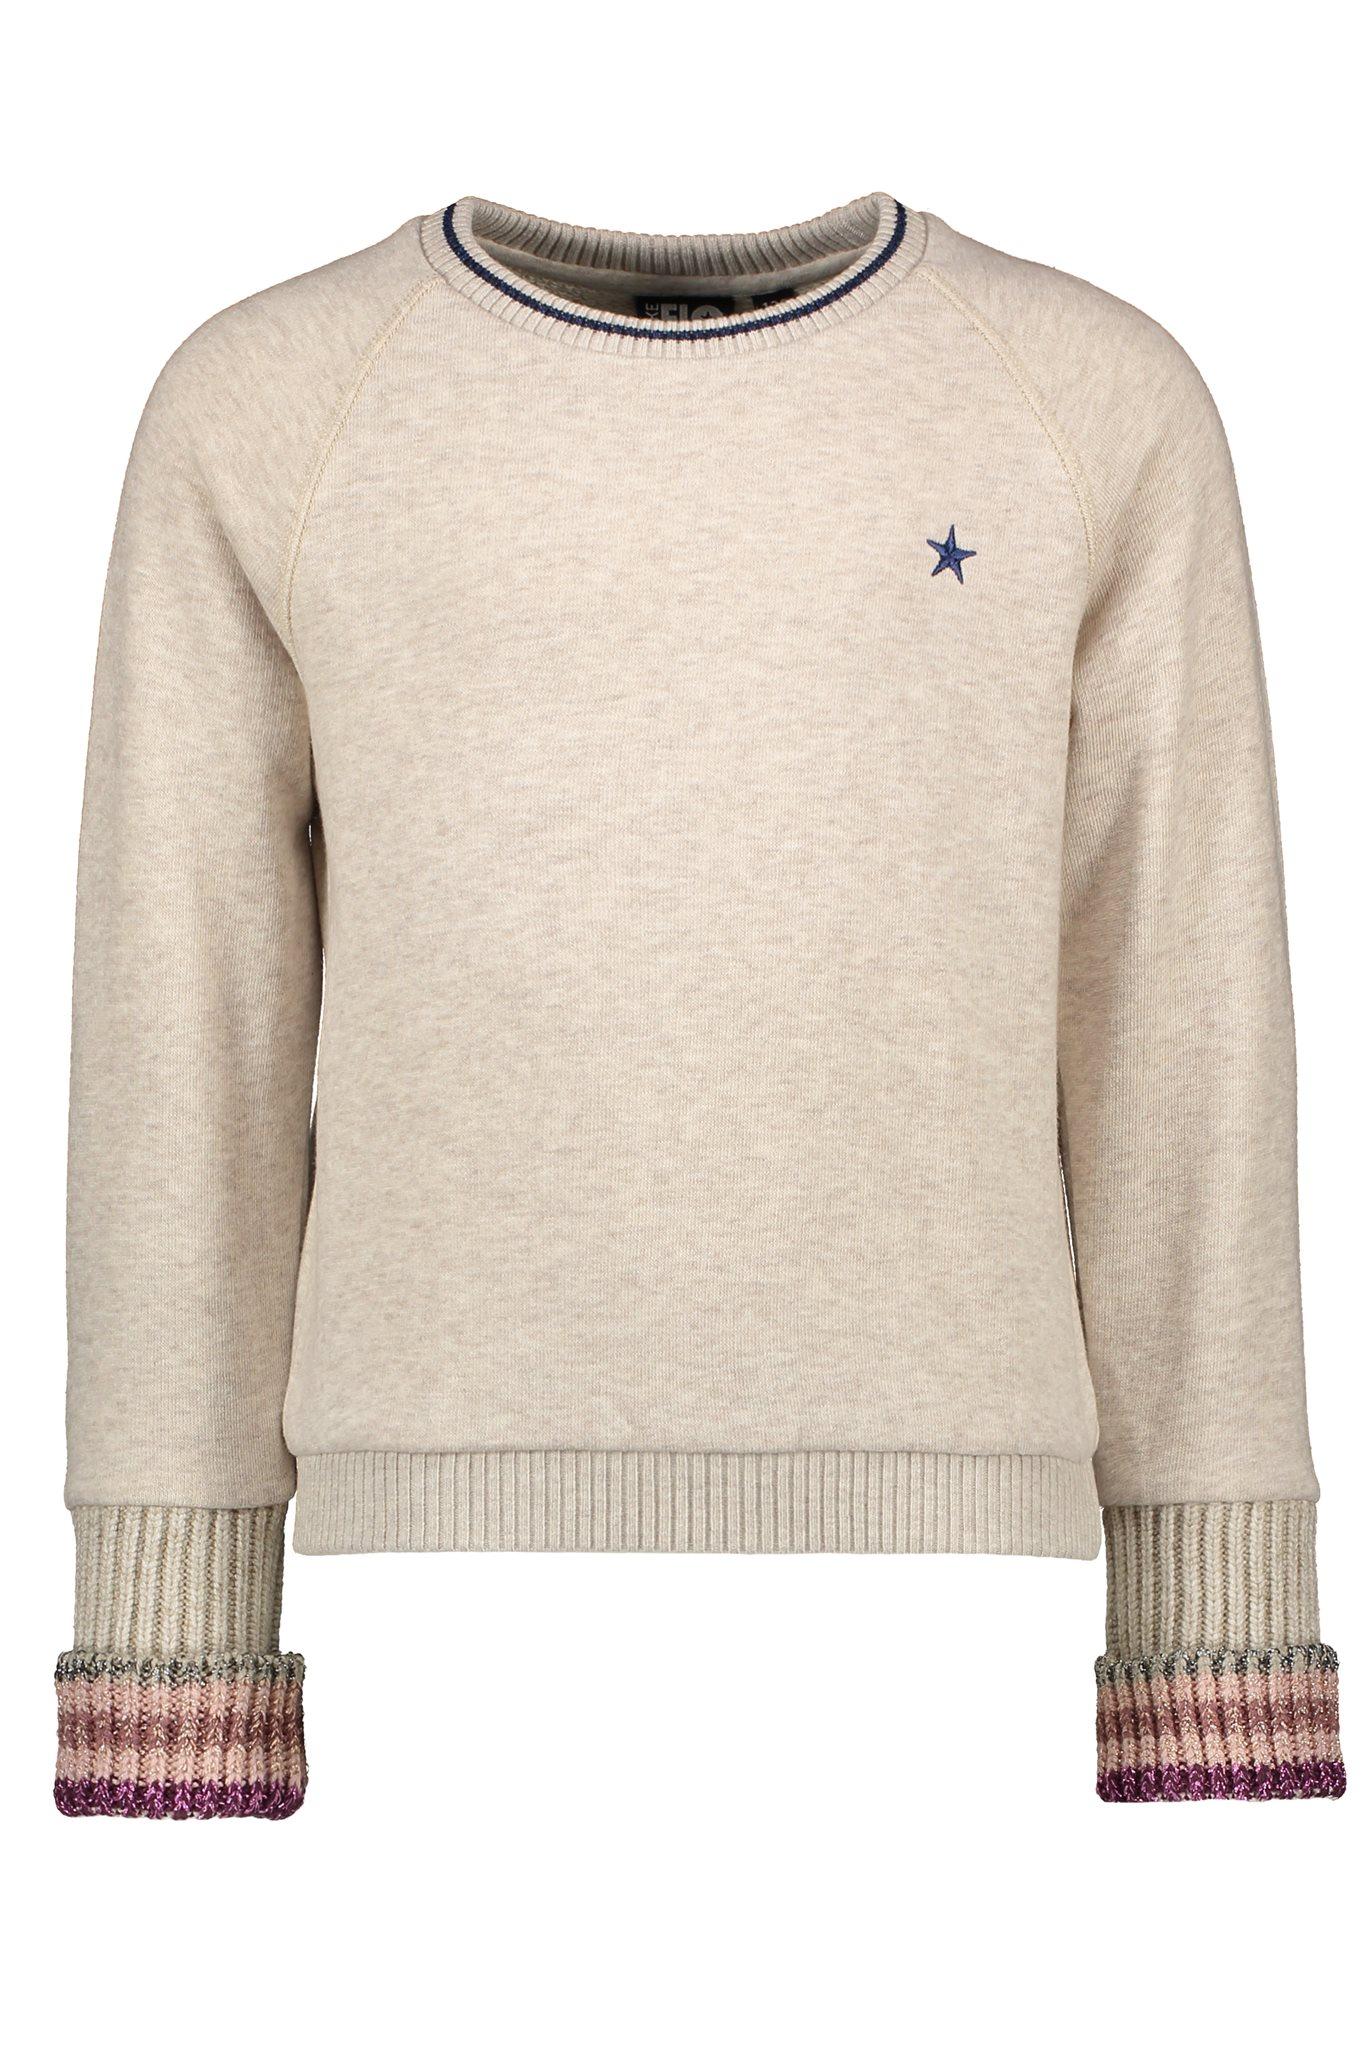 Flo sweater metallic rib cuff